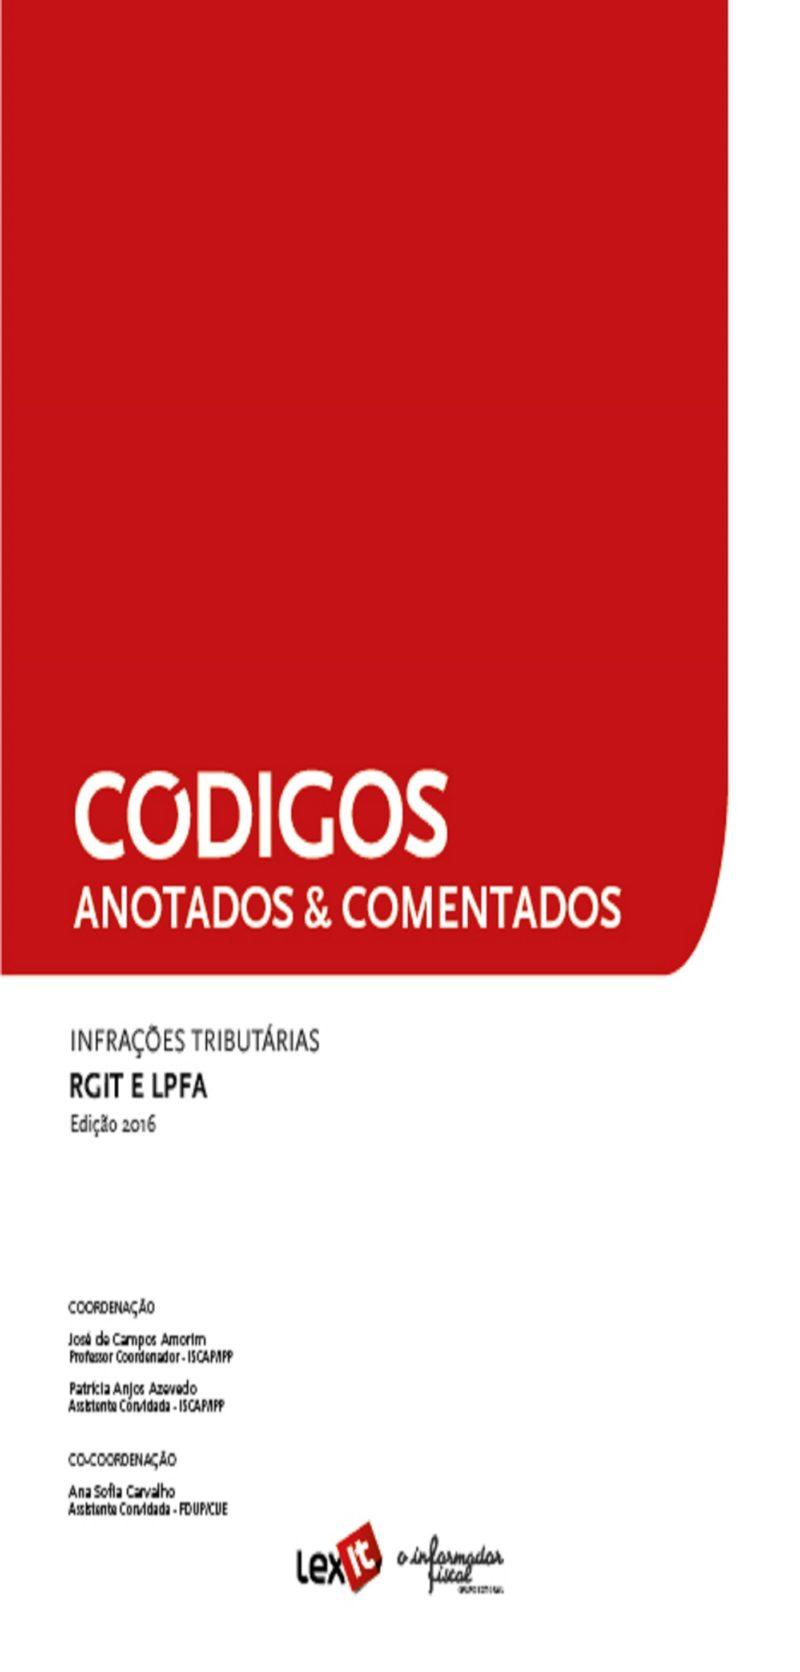 Infrações Tributárias RGIT/LPFA